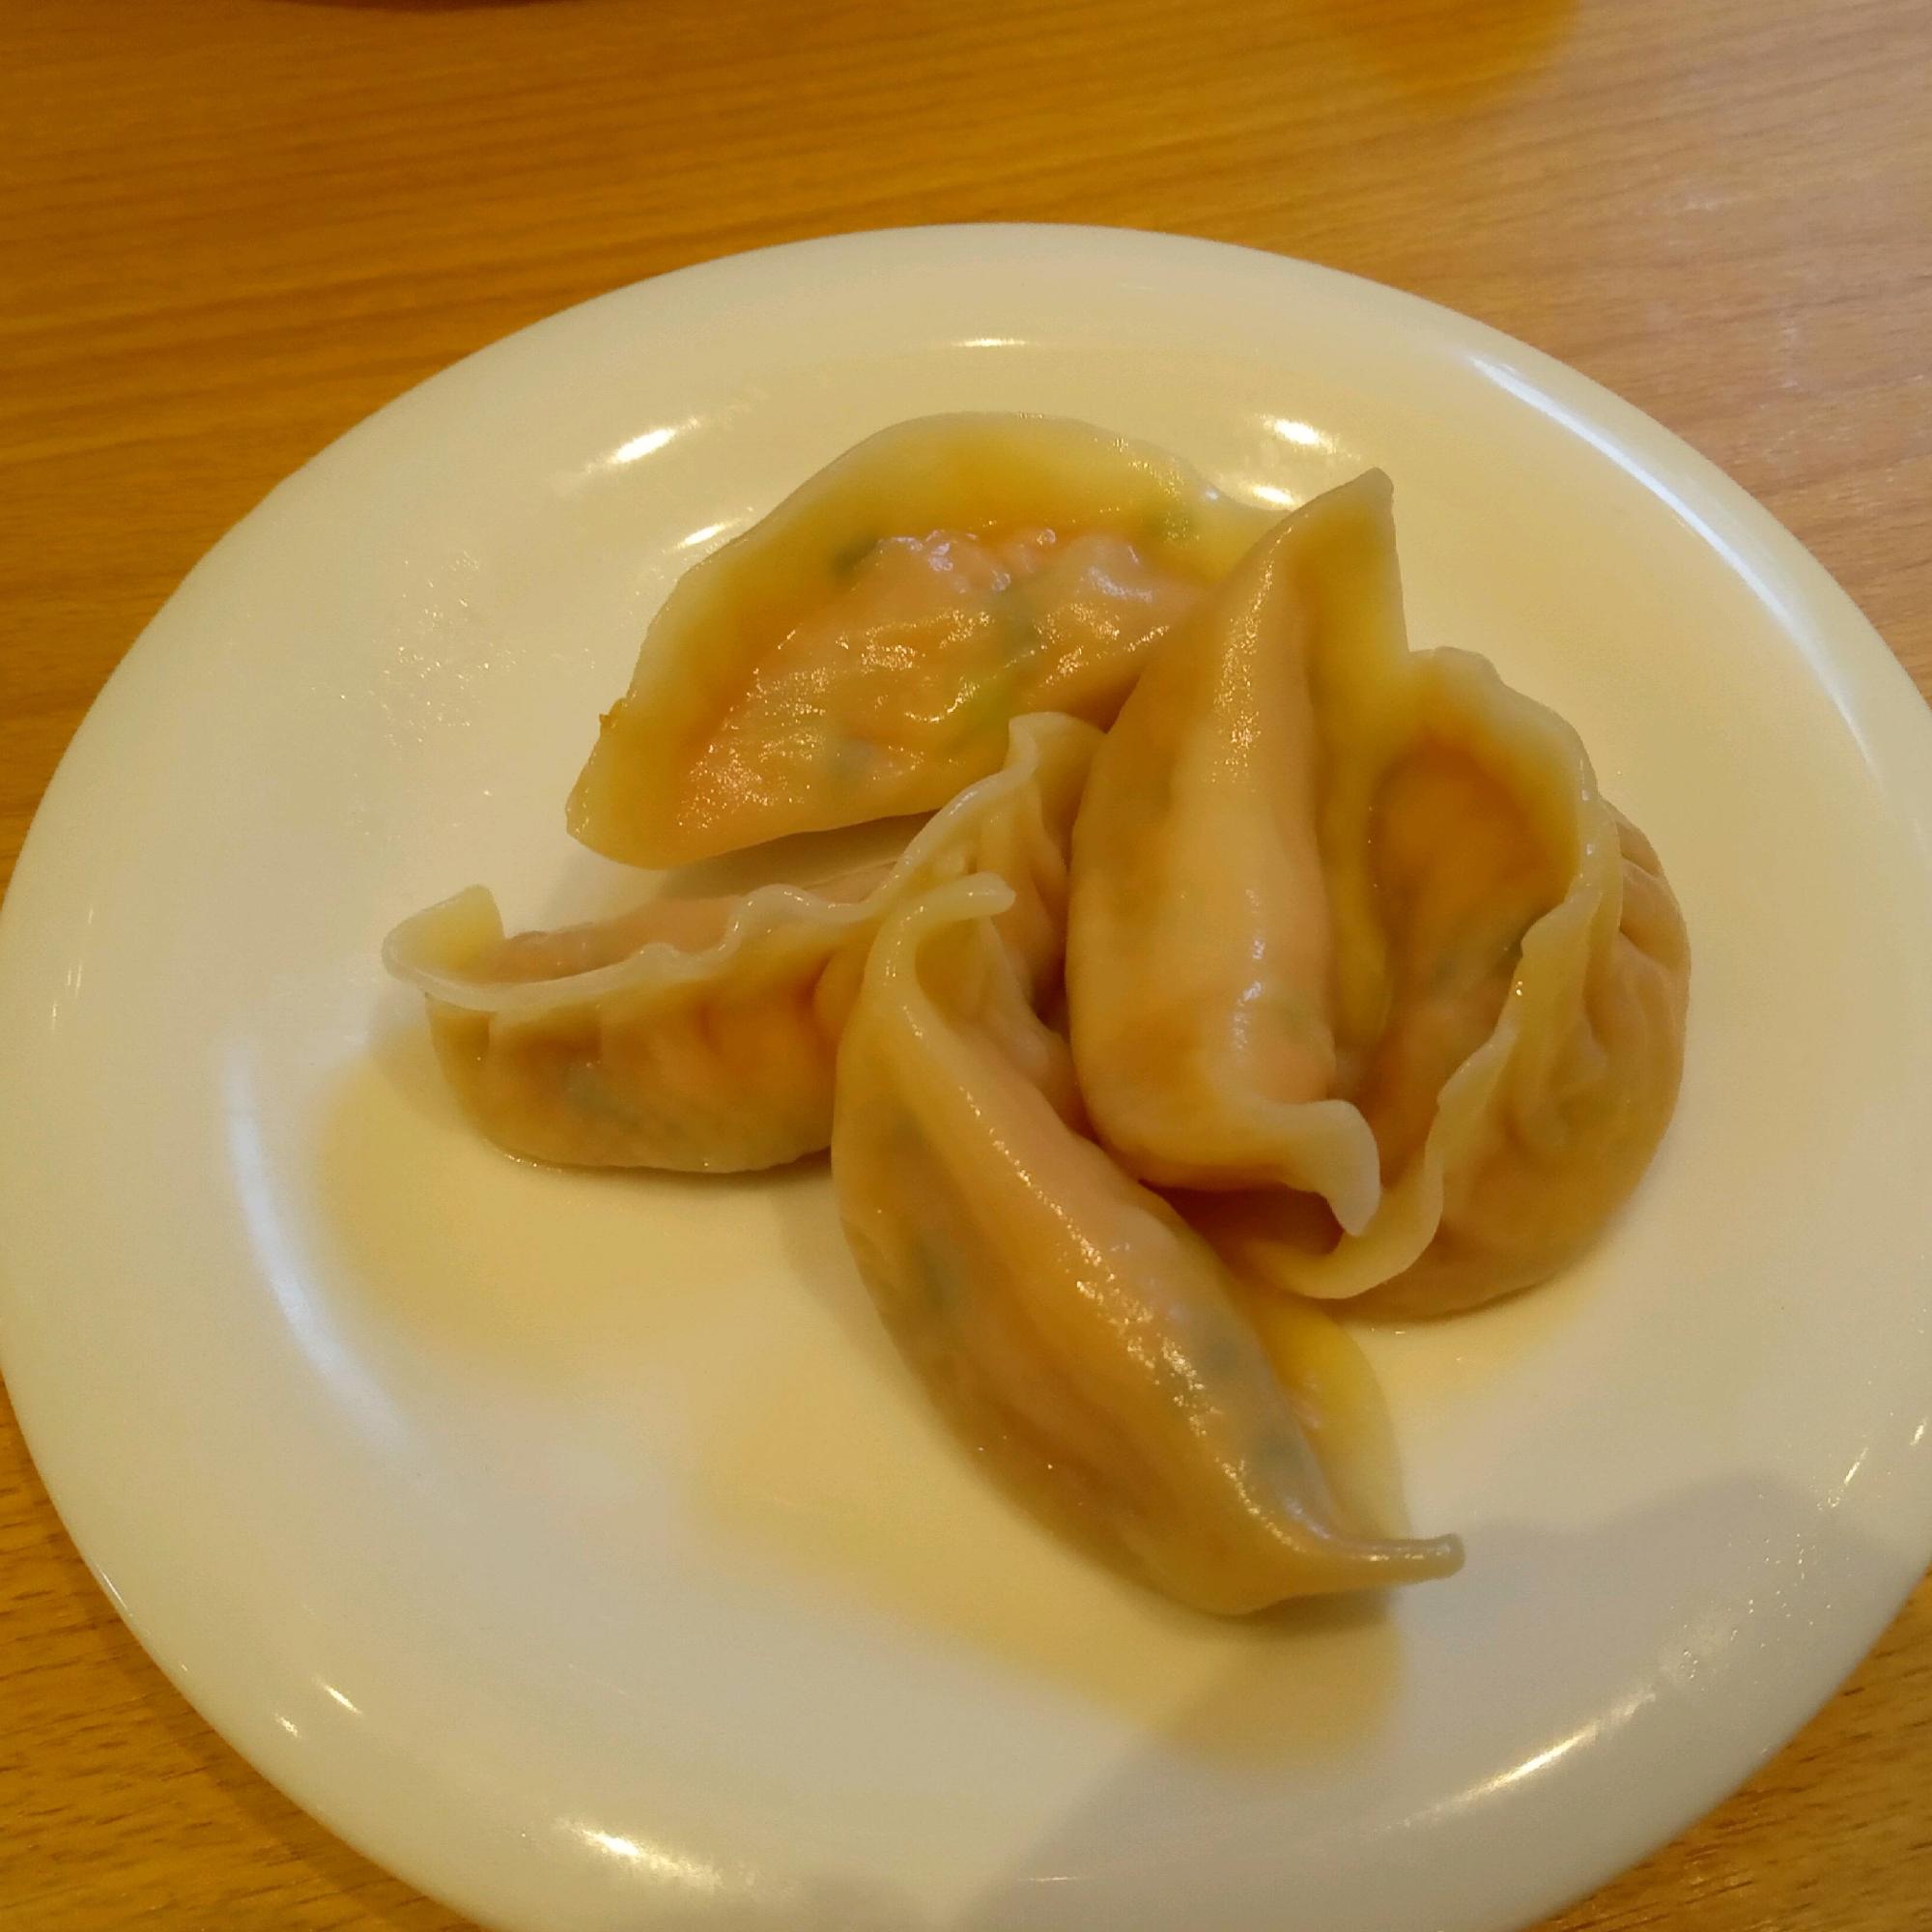 肉のうまみがしっかり感じられました。酢醤油で食べました。さっぱりとしていくつでも食べられます